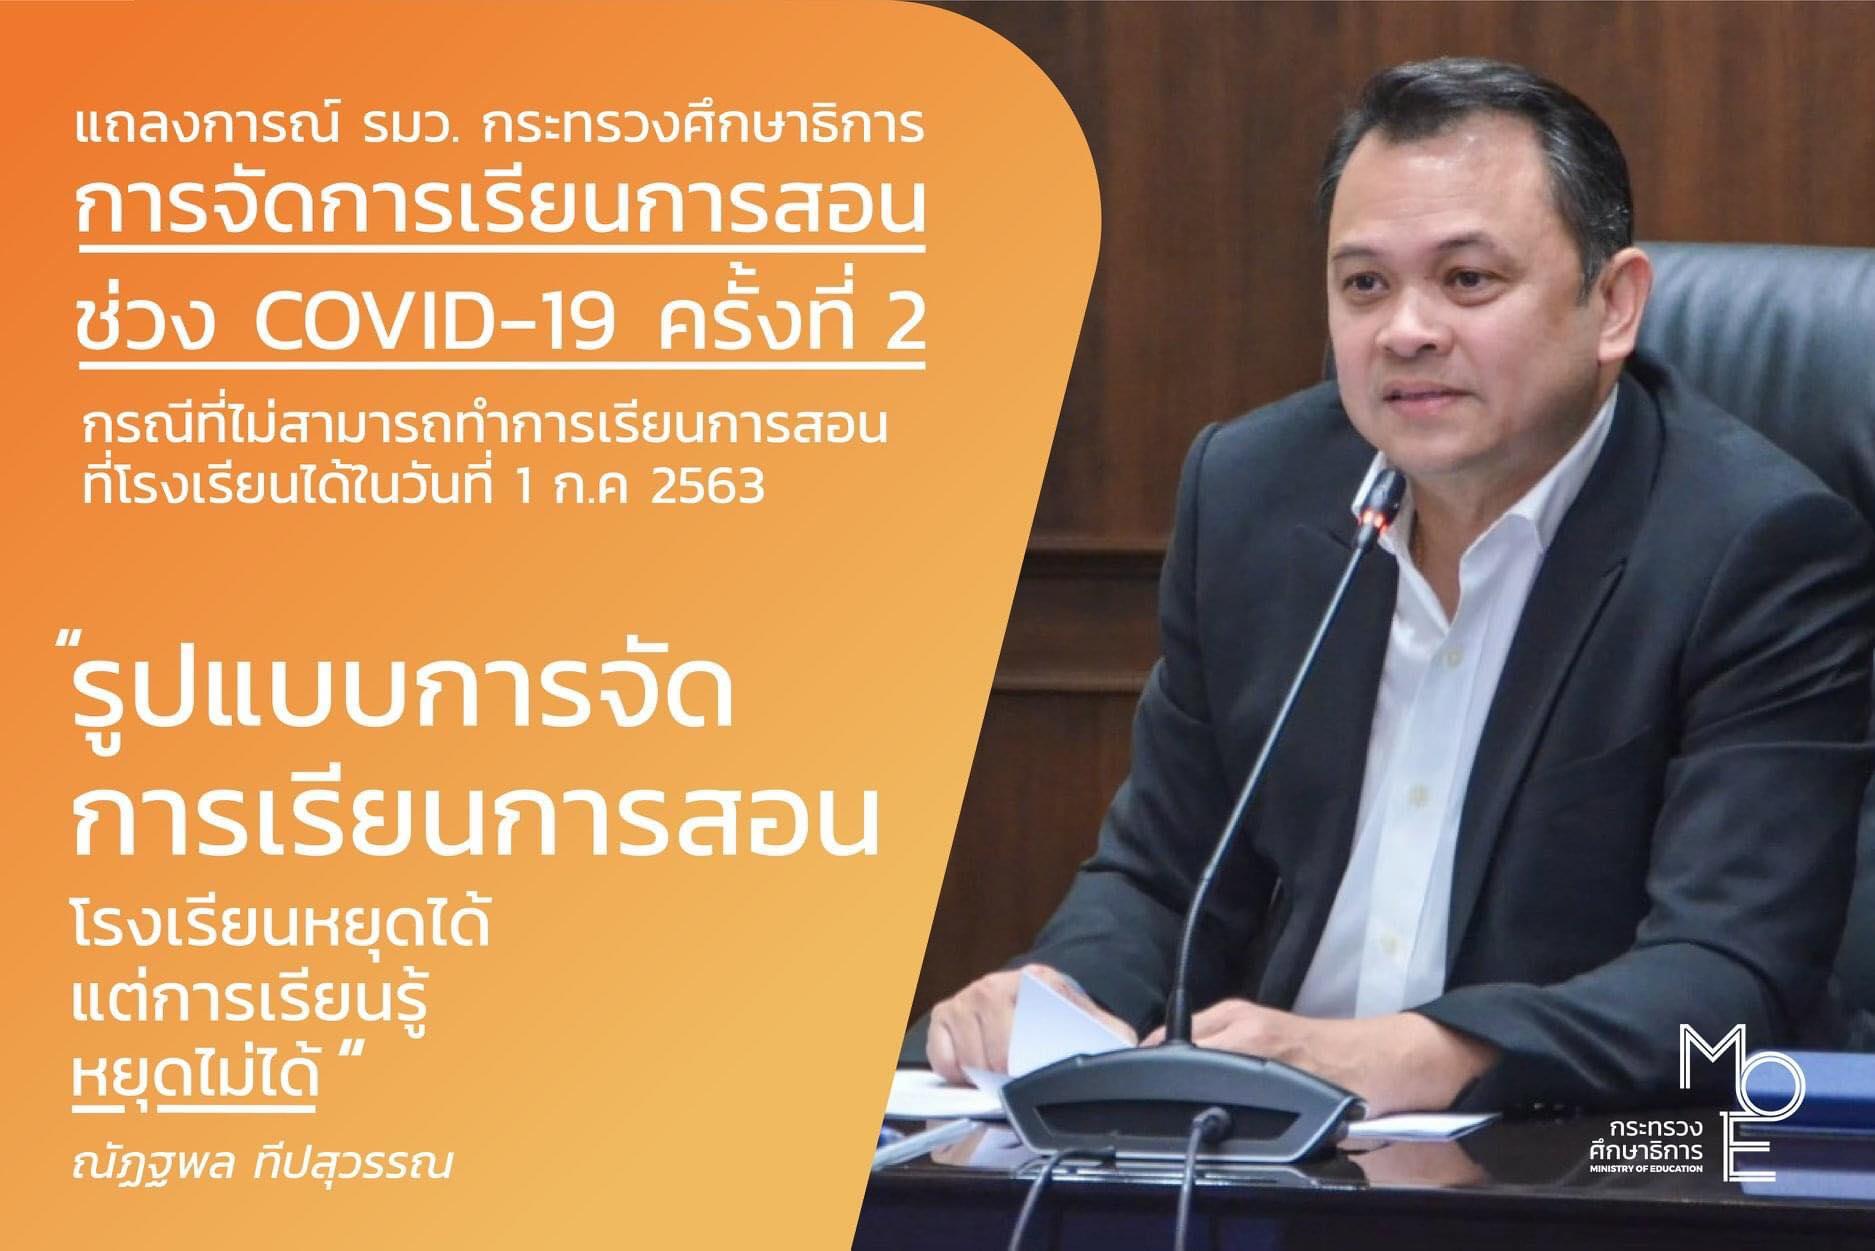 แถลงการณ์ รัฐมนตรีว่าการกระทรวงศึกษาธิการ การจัดการเรียนการสอนช่วง COVID-19 ครั้งที่ 2 1588426457